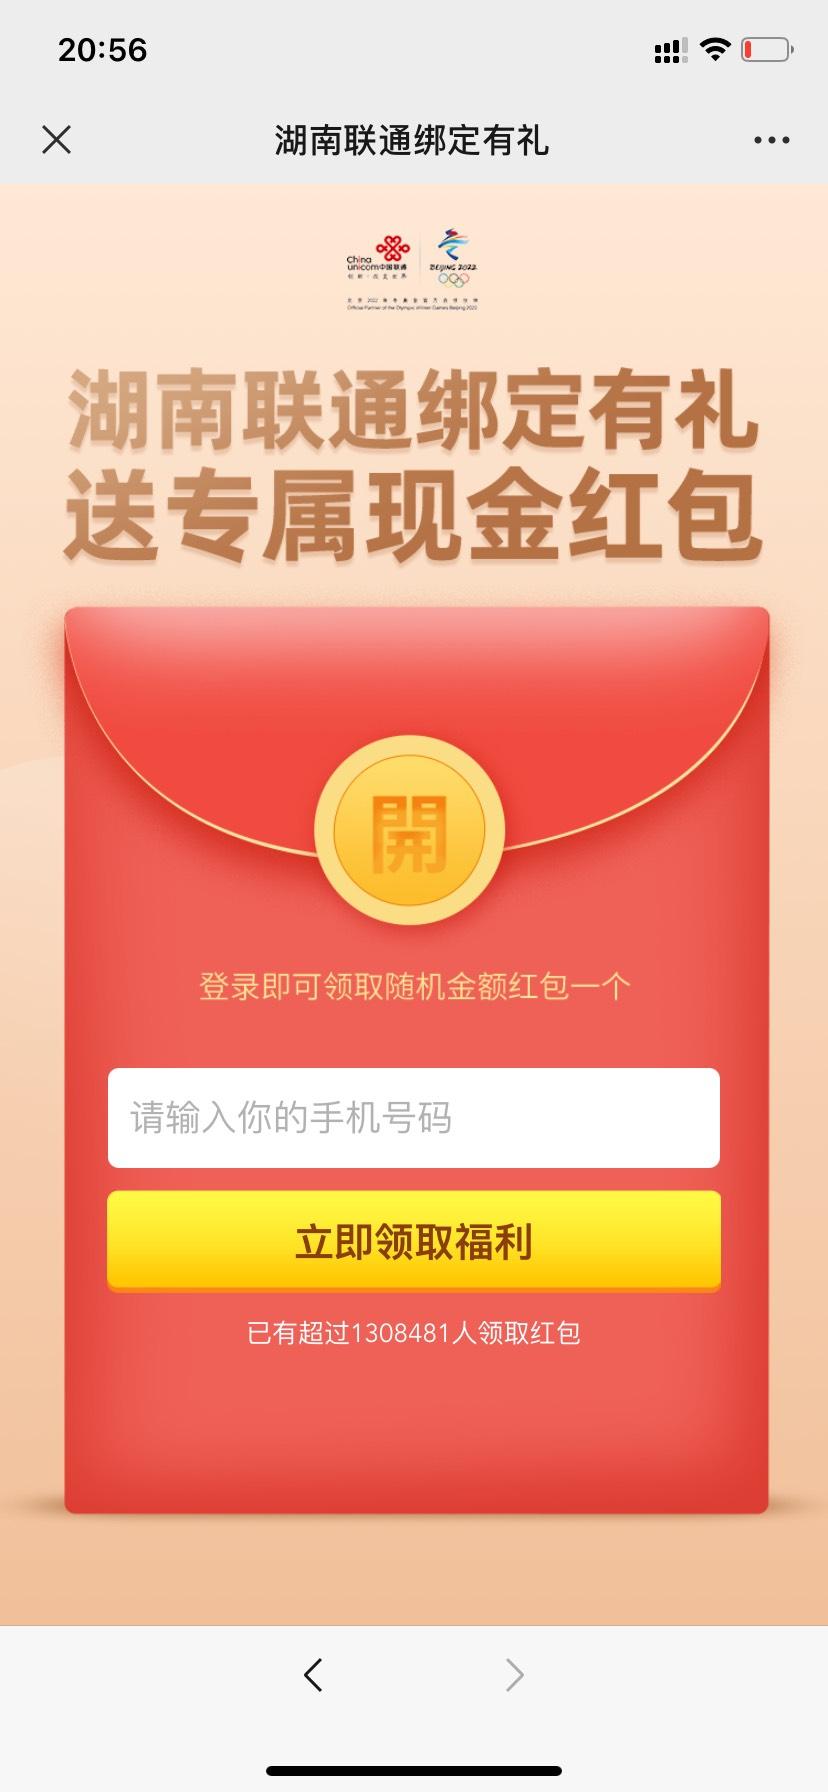 湖南联通领微信红包